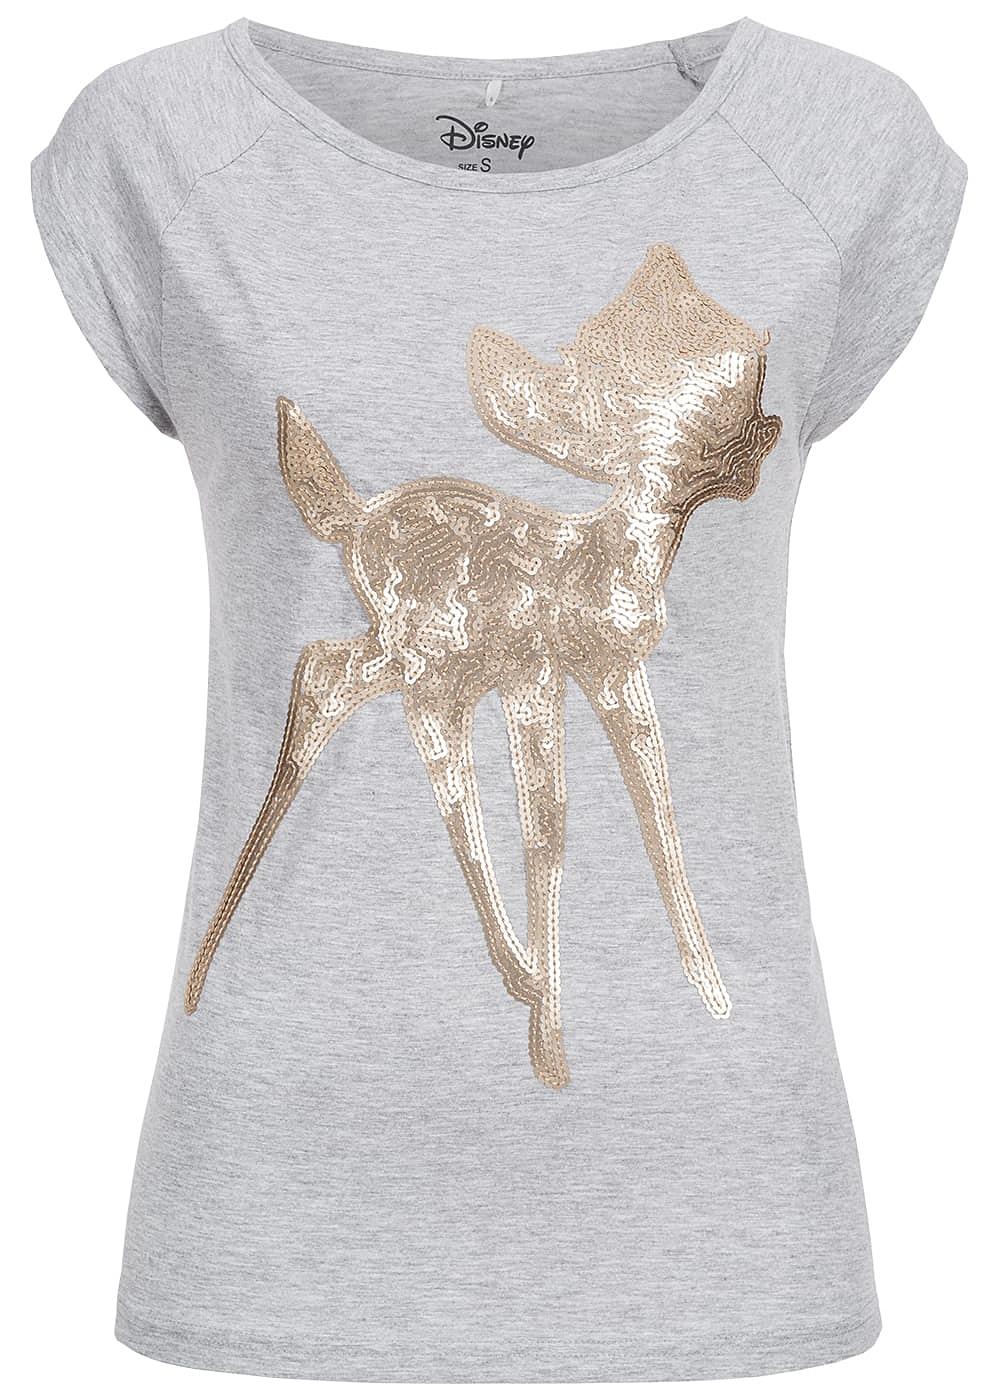 eight2nine damen shirt kurzarm bambi pailletten by. Black Bedroom Furniture Sets. Home Design Ideas